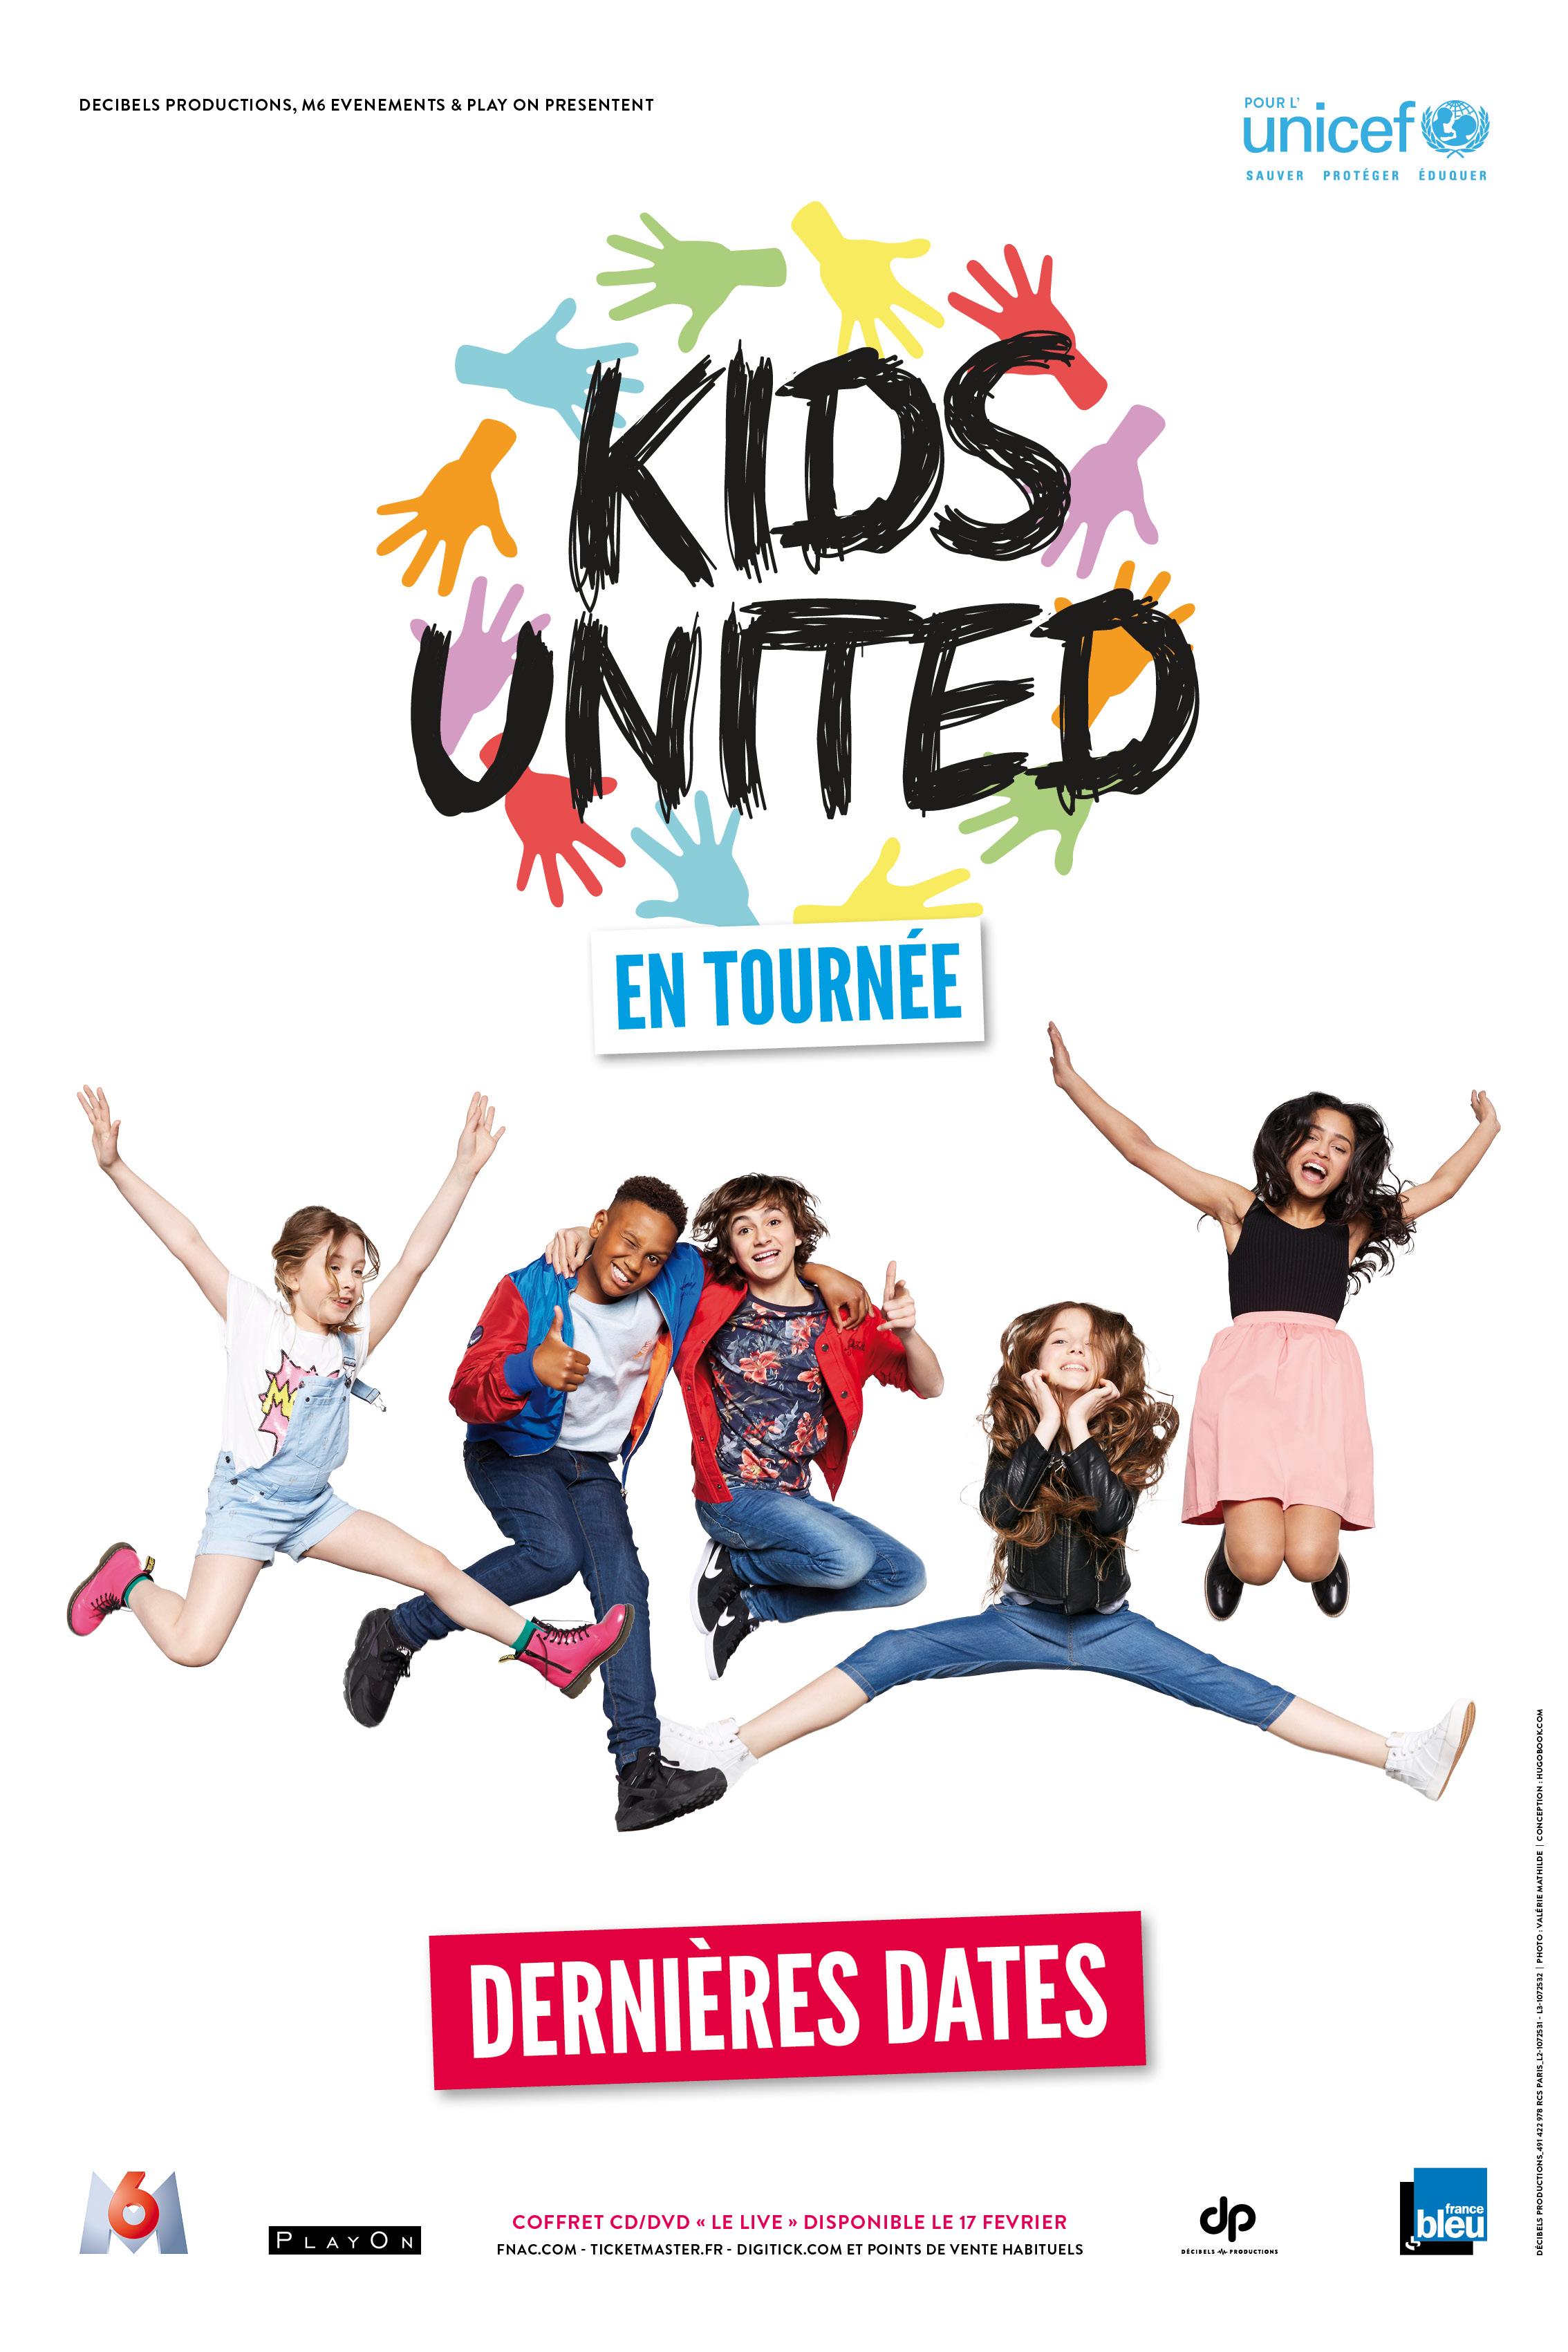 kids_janvier2017_nouveau-visuel_40x60_tournee-full2-2.jpg